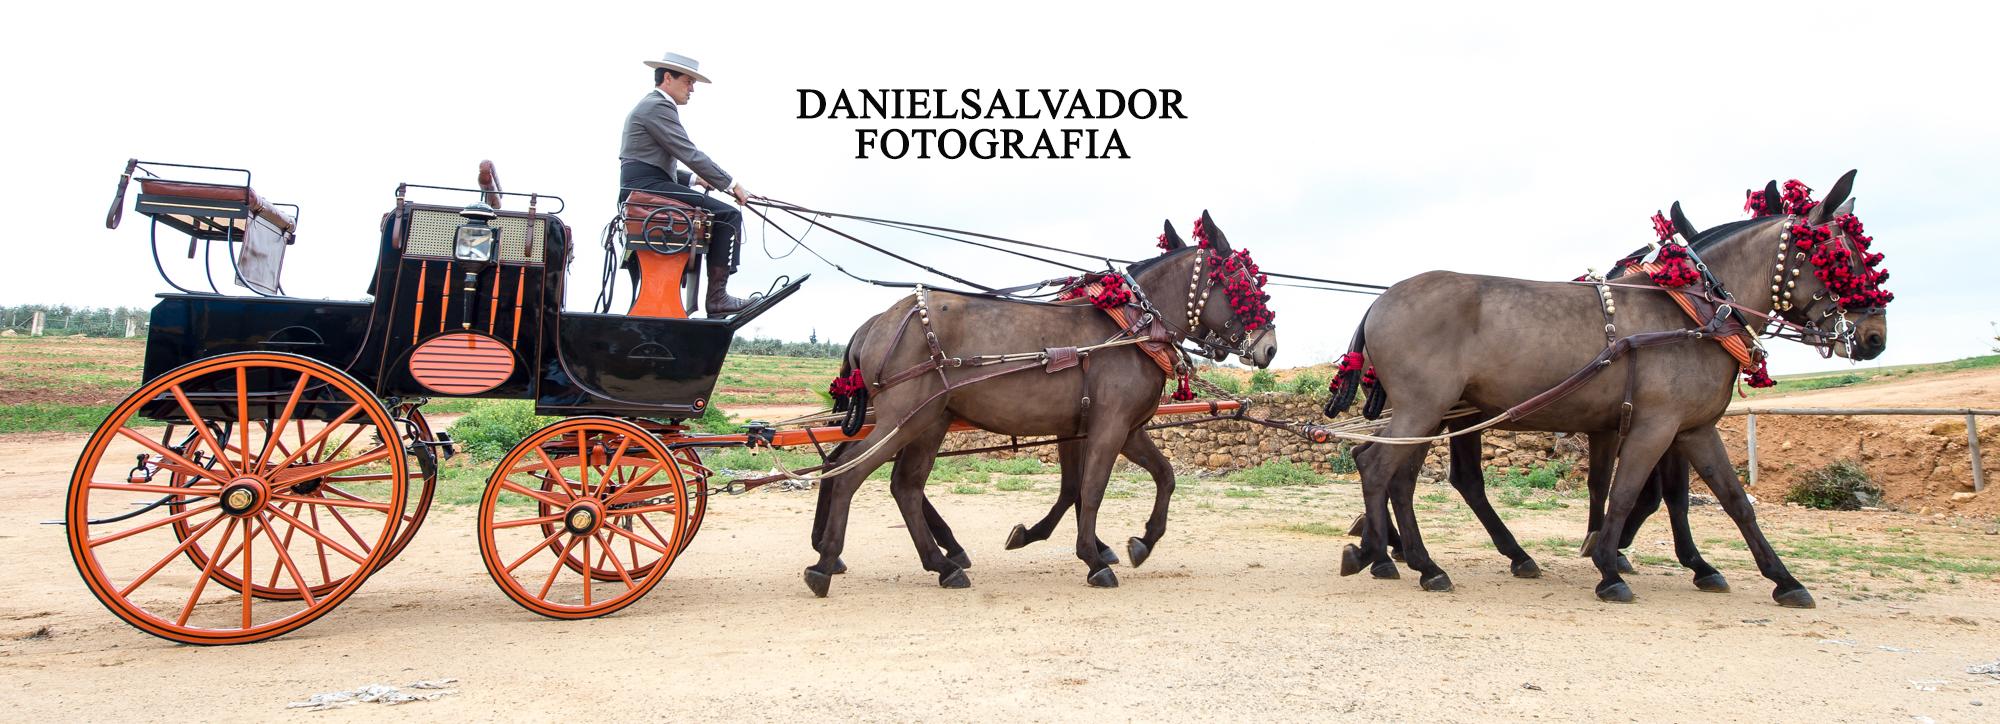 caballos-160